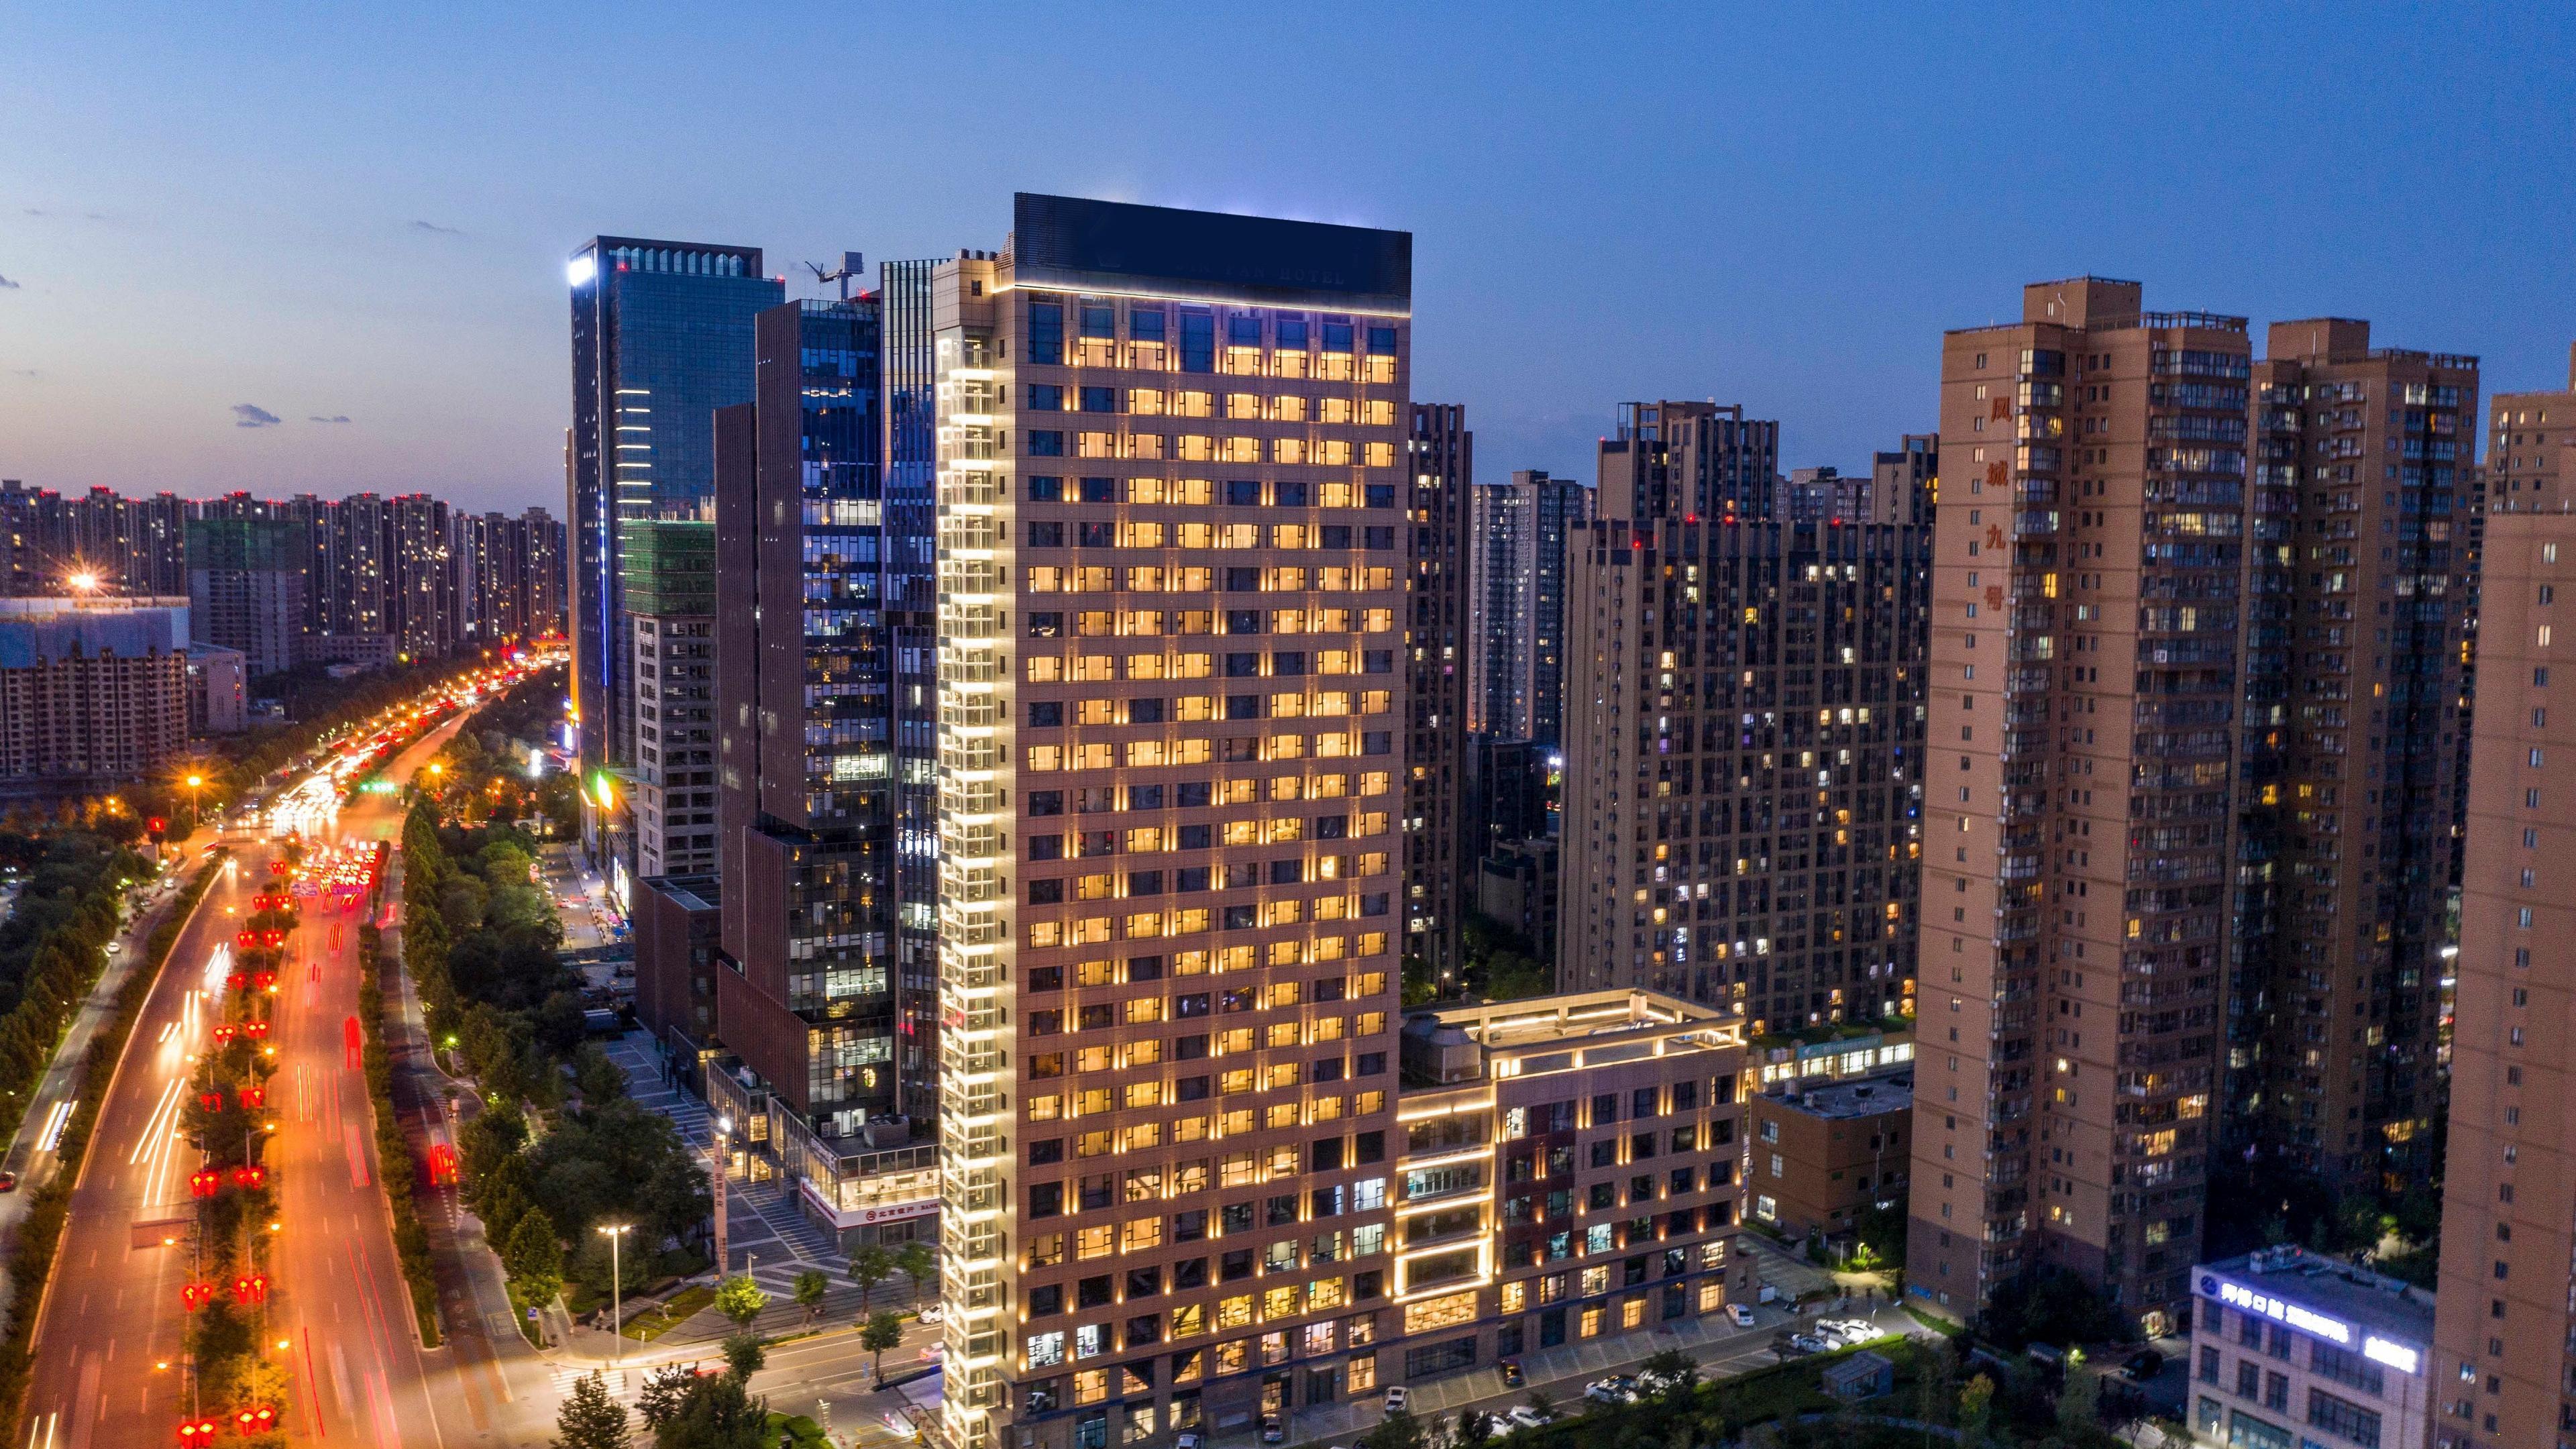 voco Xi'an ETDZ Hotel Exterior